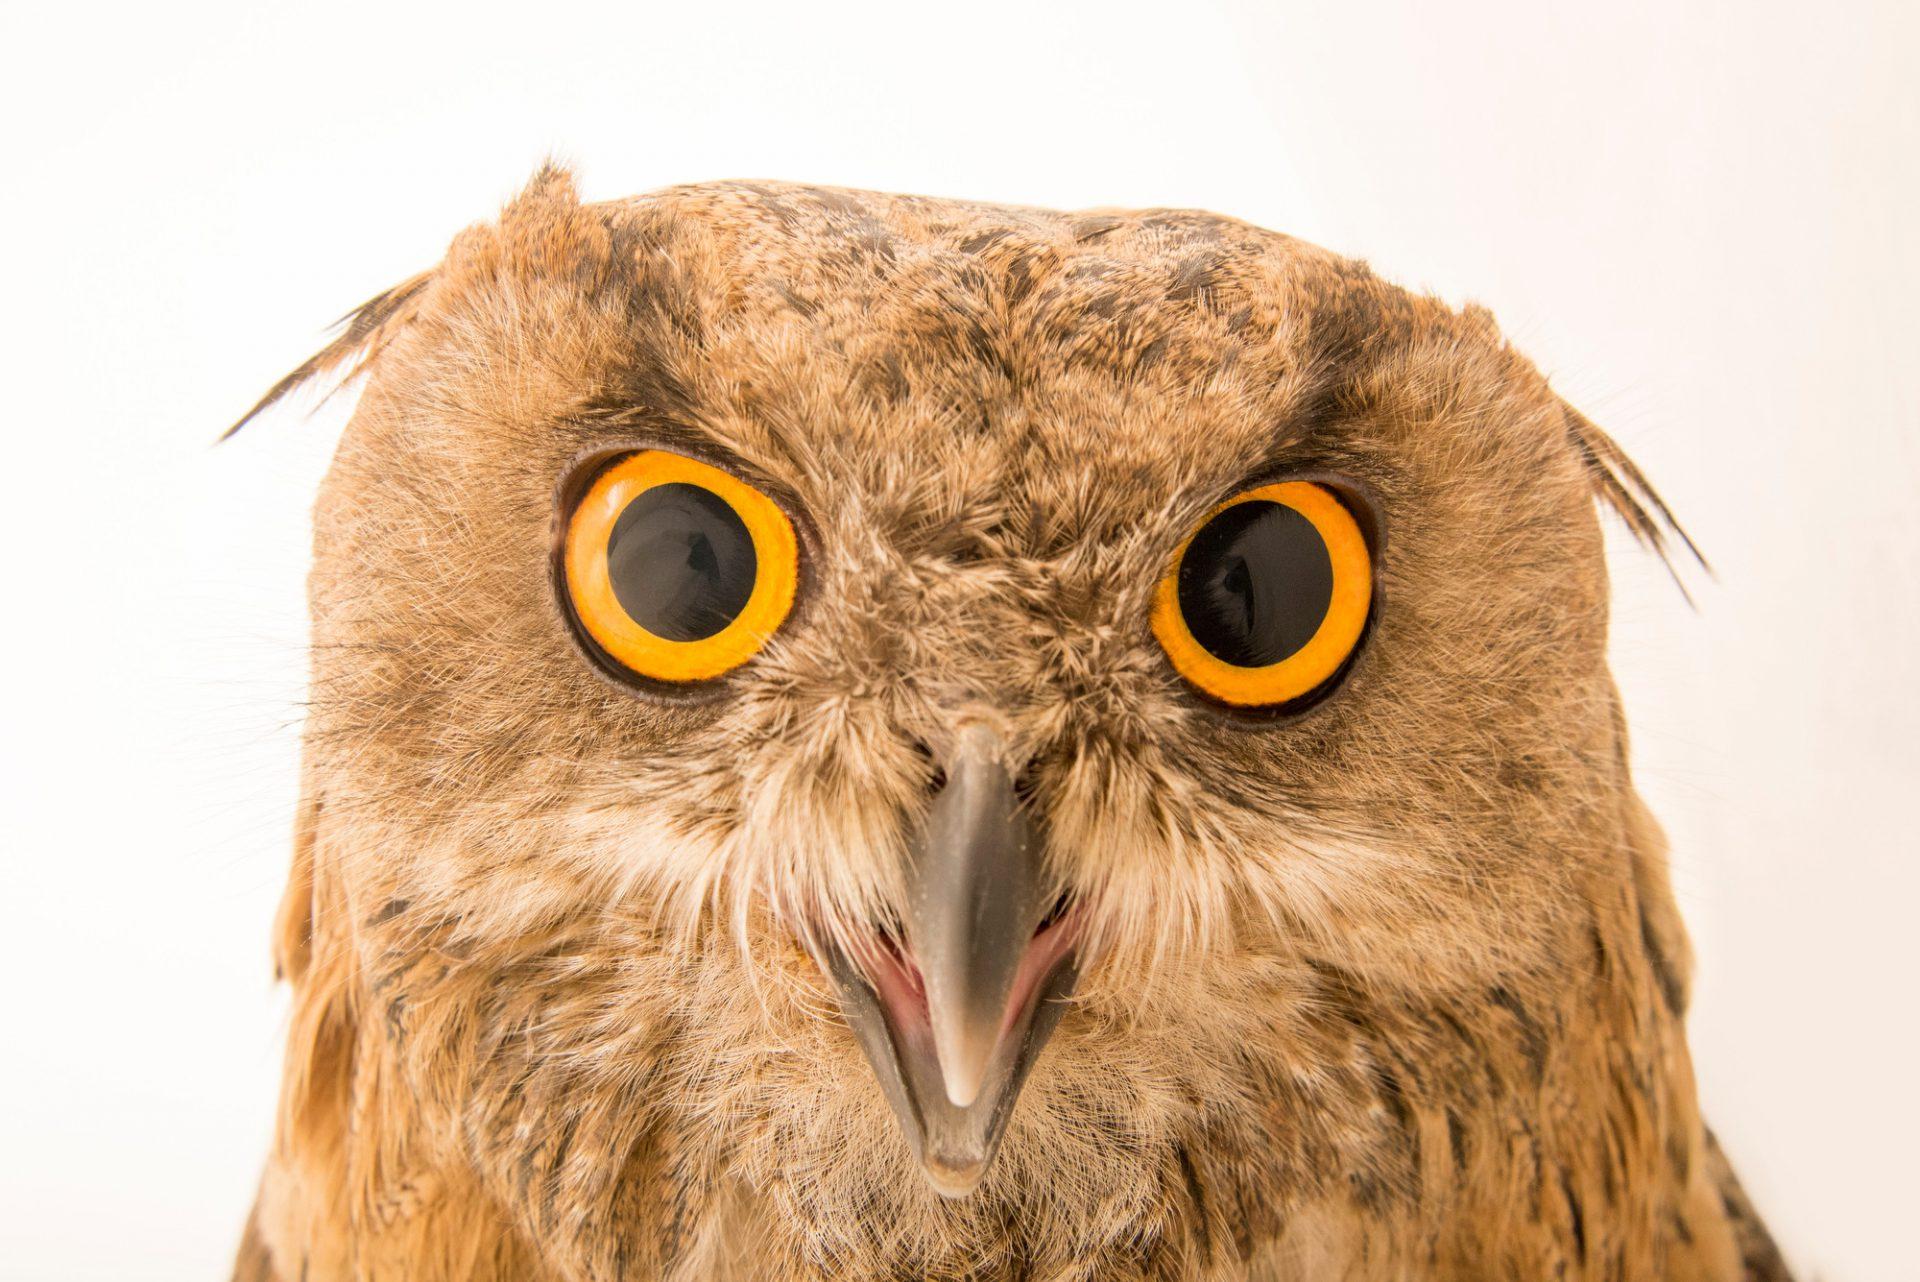 Photo: An Eurasian eagle owl (Bubo bubo sibiricus) at Parco Natura Viva in Bussolengo, Italy.